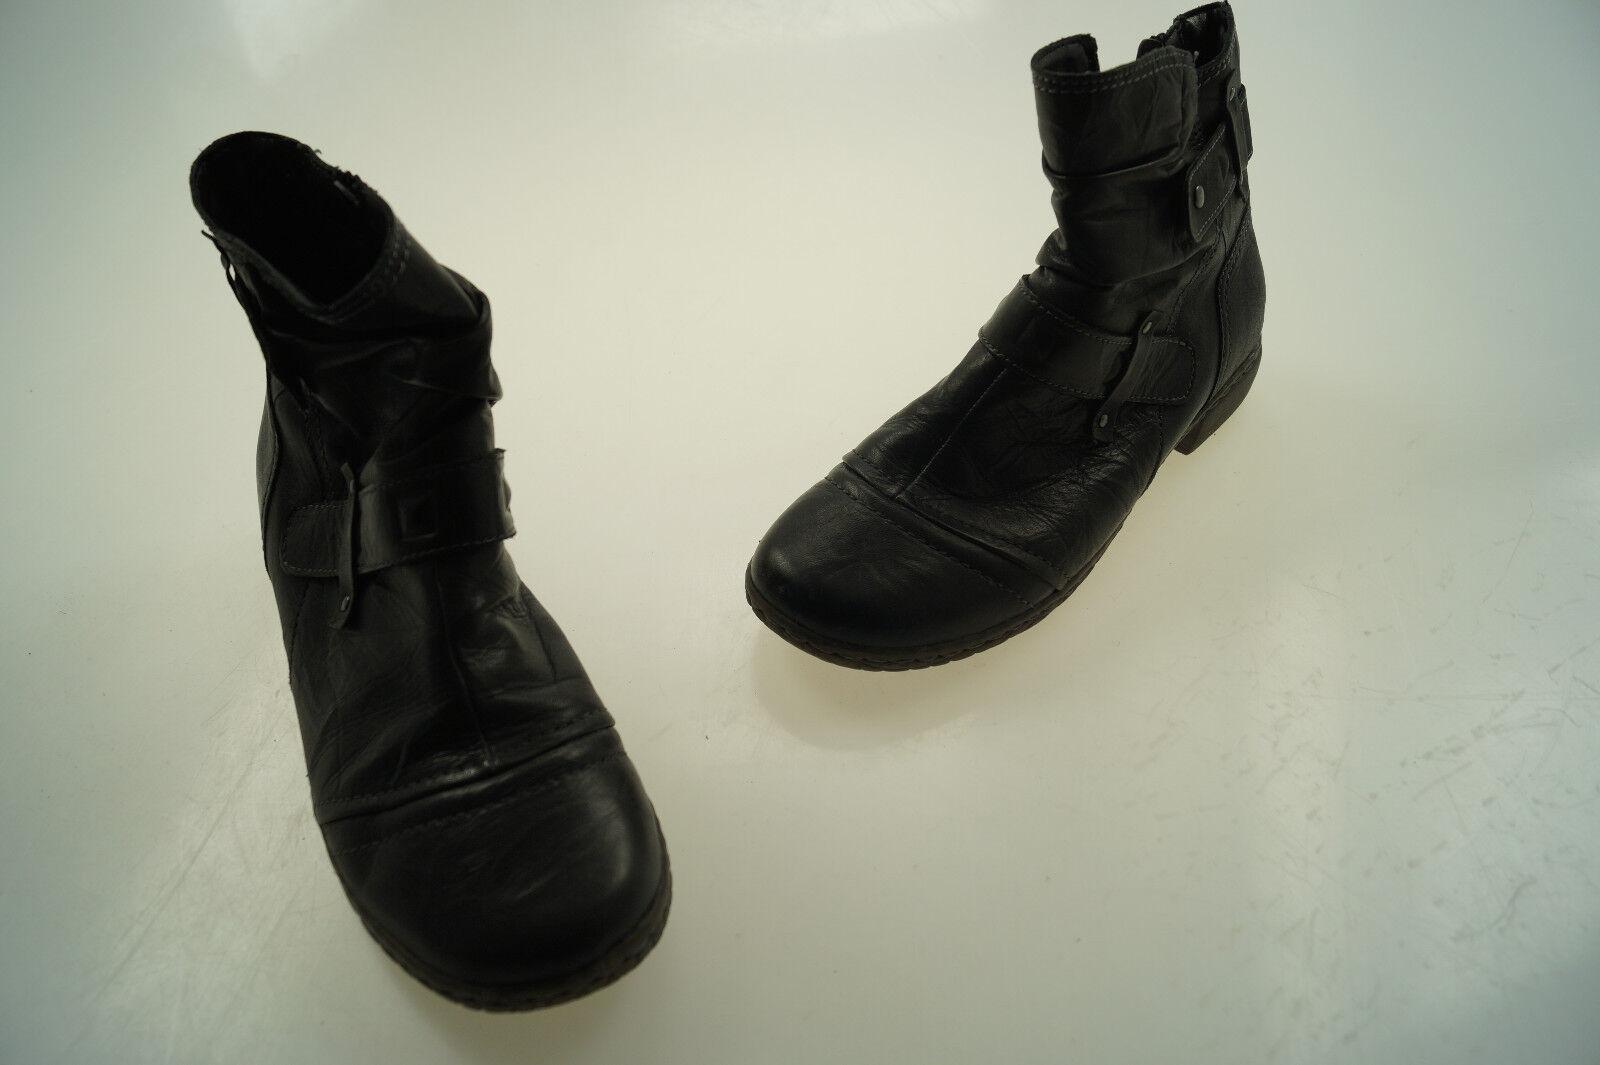 Signora Comfort señora invierno zapatos botas talla talla talla 39 suave forro de cuero  9  la calidad primero los consumidores primero